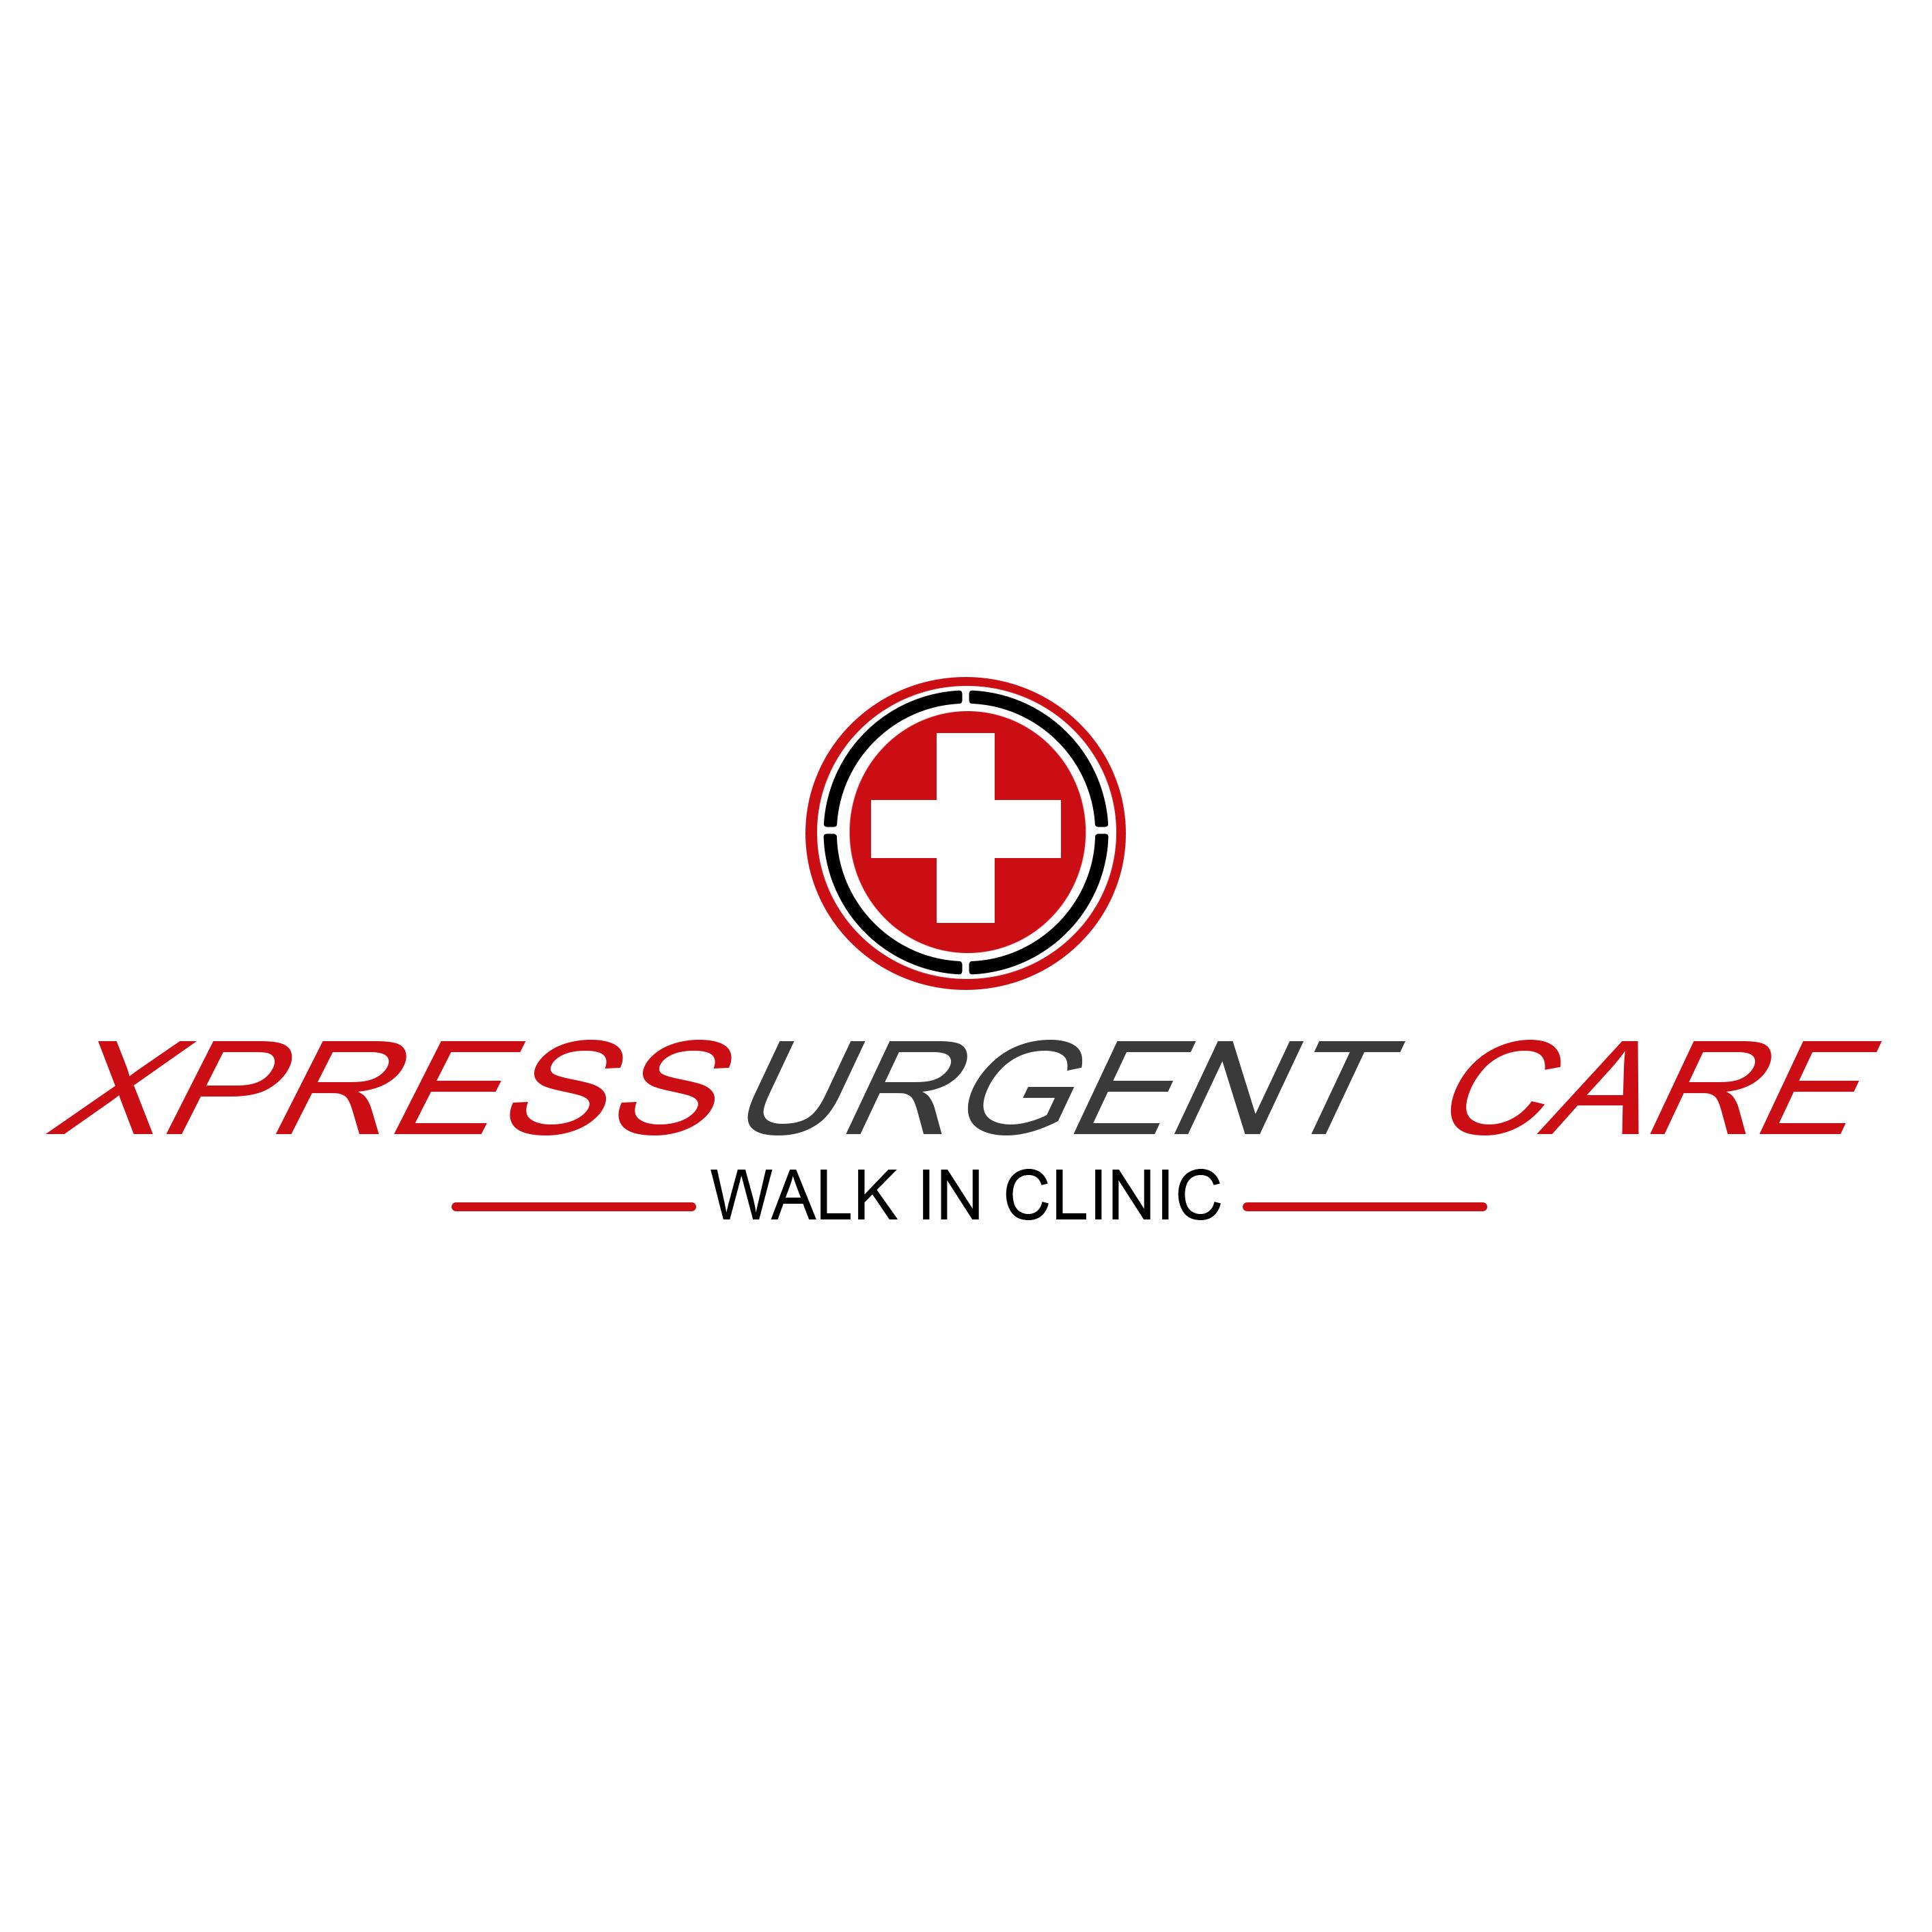 Xpress Urgent Care